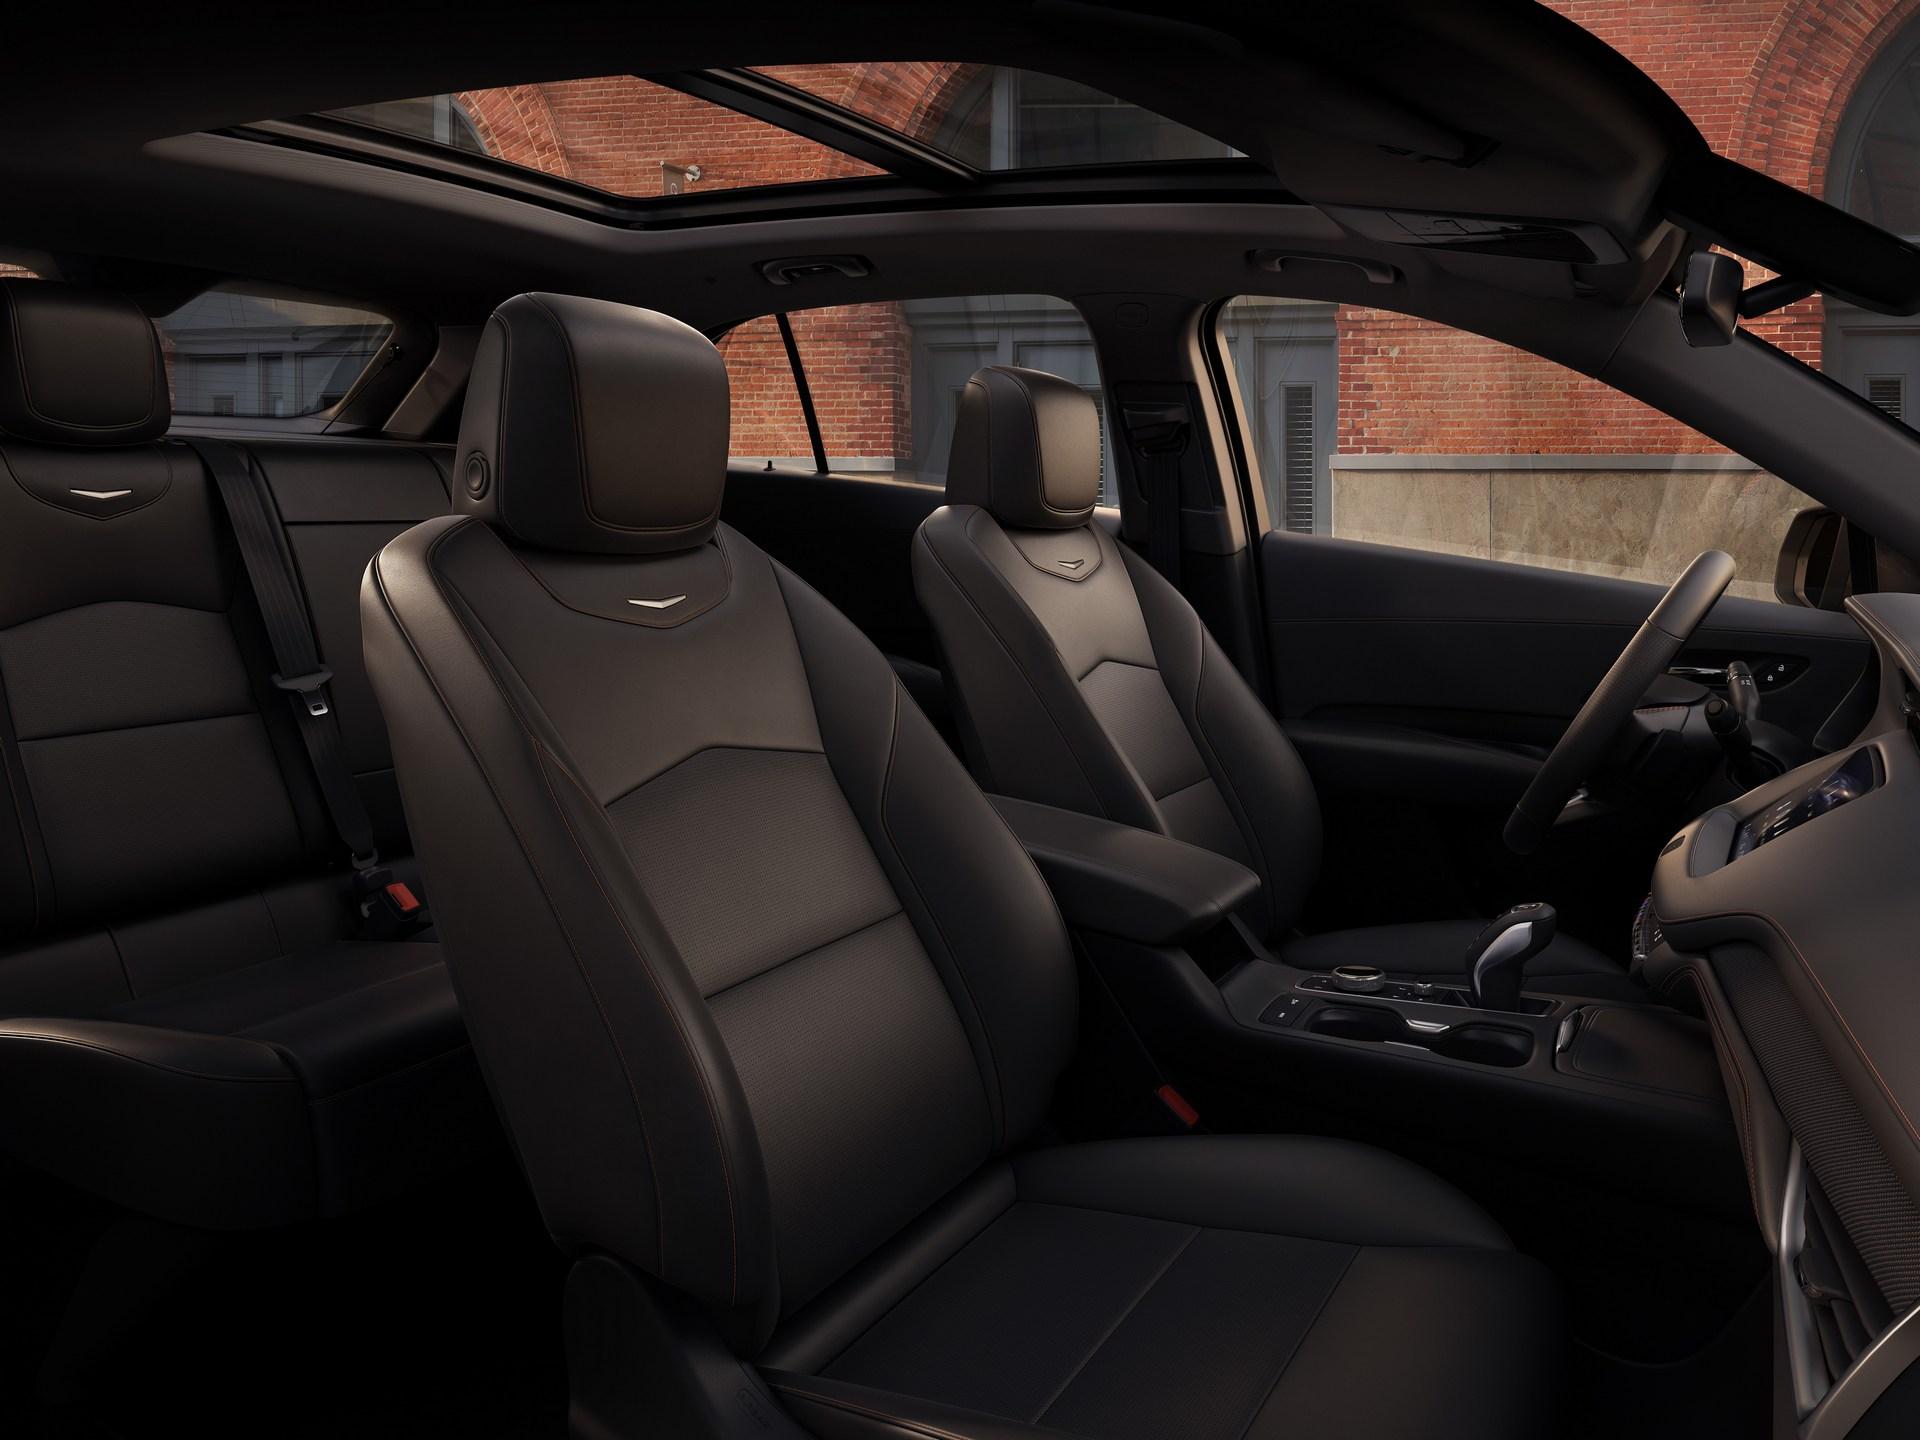 Cadillac-XT4-9.jpg